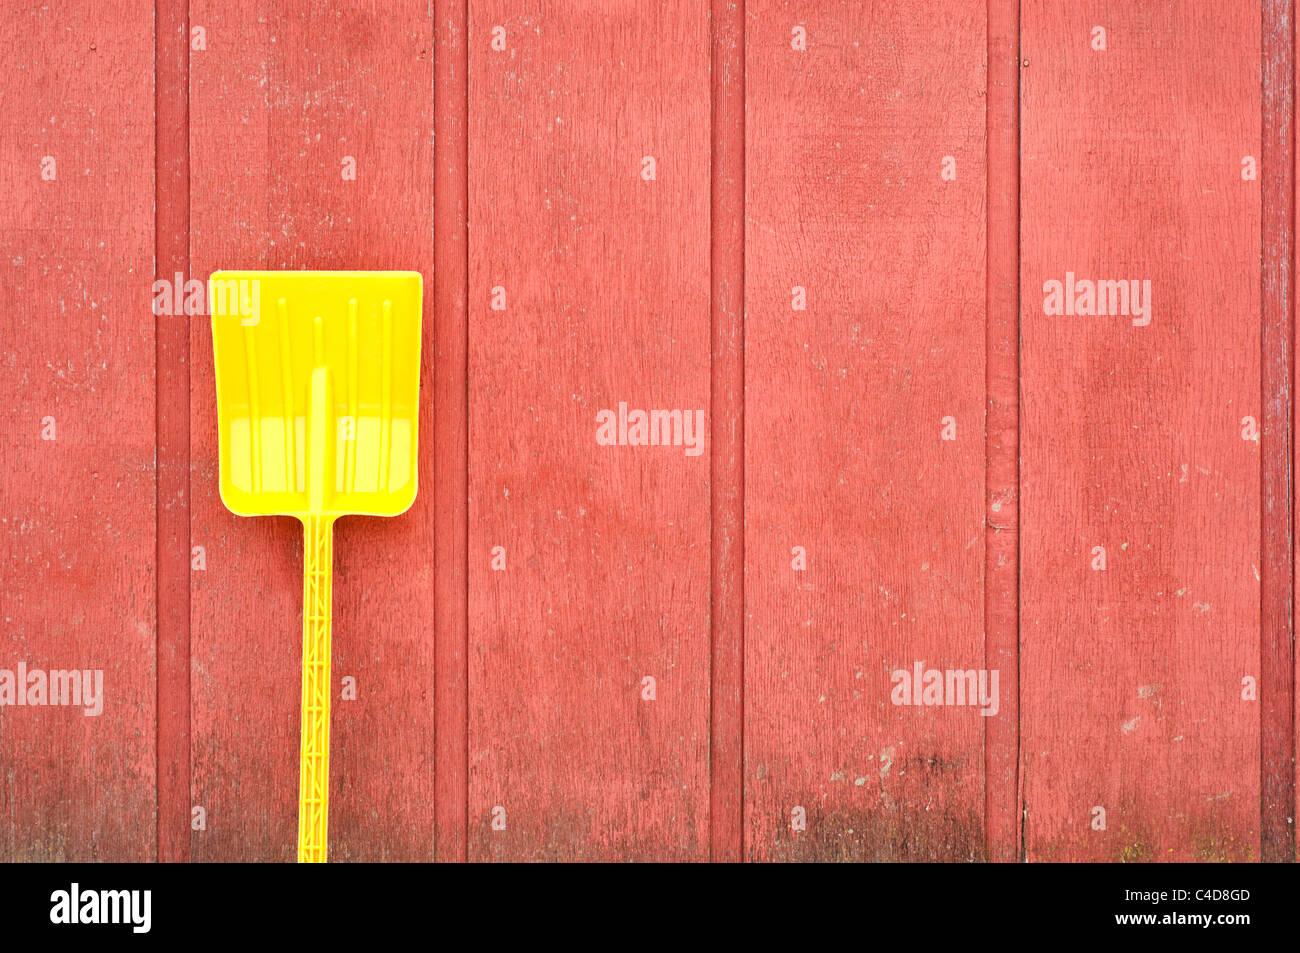 Eine gelbe Plastikspielzeug Schaufel lehnt sich an eine rote Scheune aus Holz Wand Stockbild